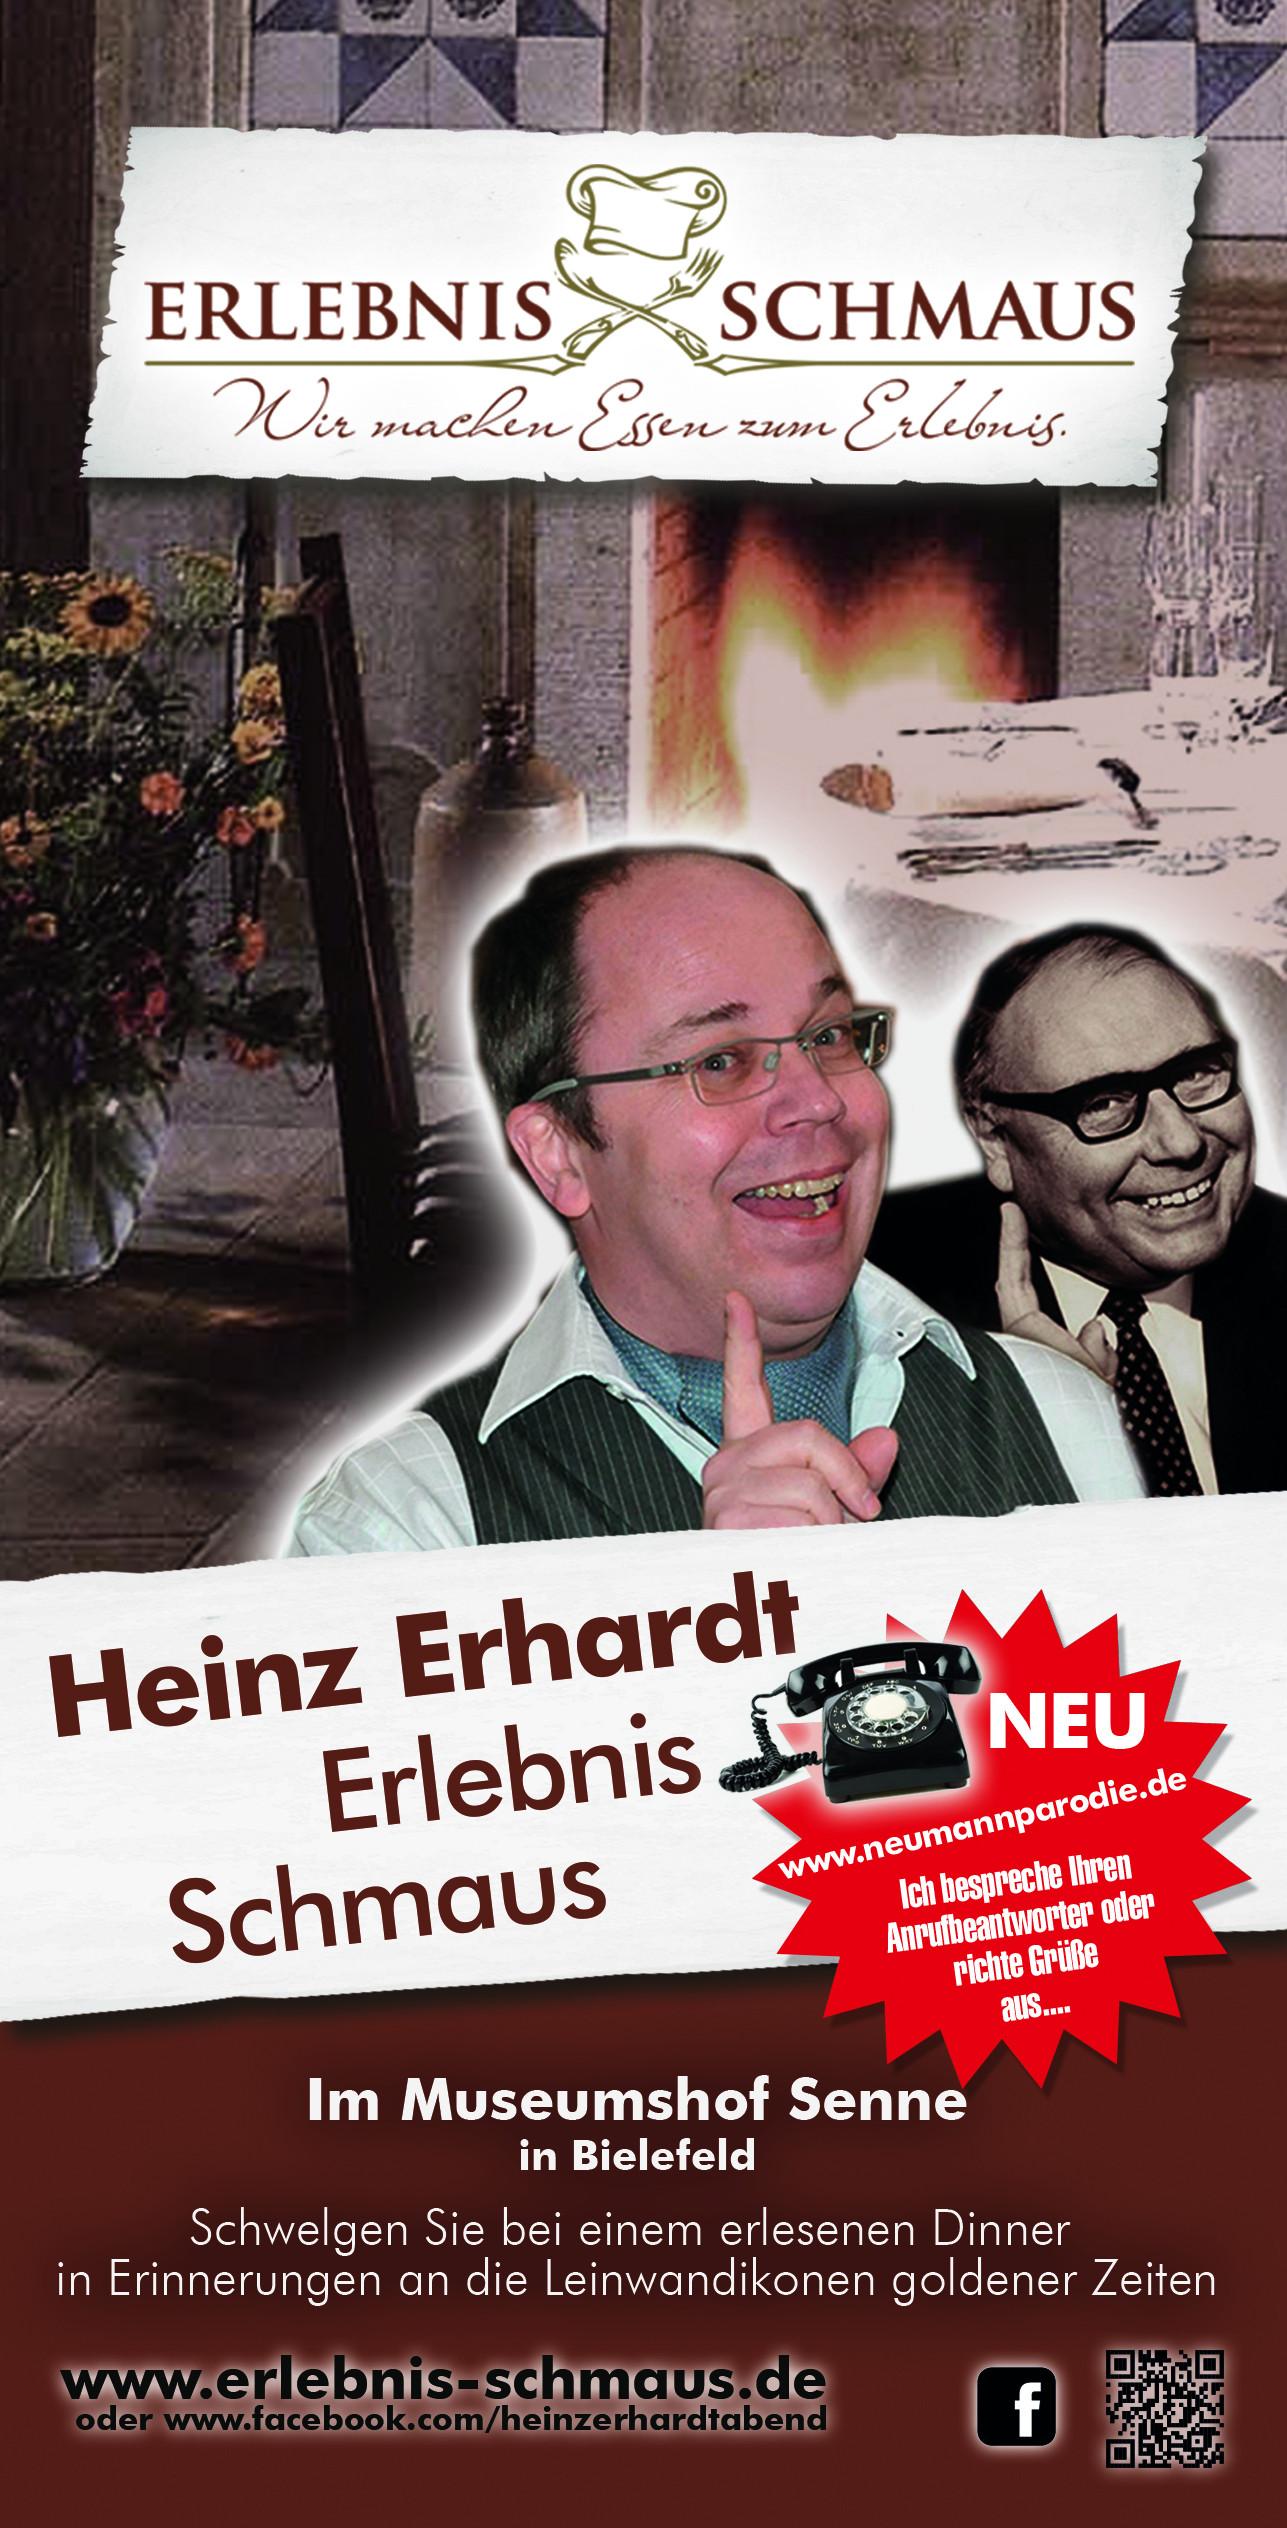 Heinz Erhardt Hochzeit  Elegant Goldene Hochzeit Gedicht Heinz Erhardt